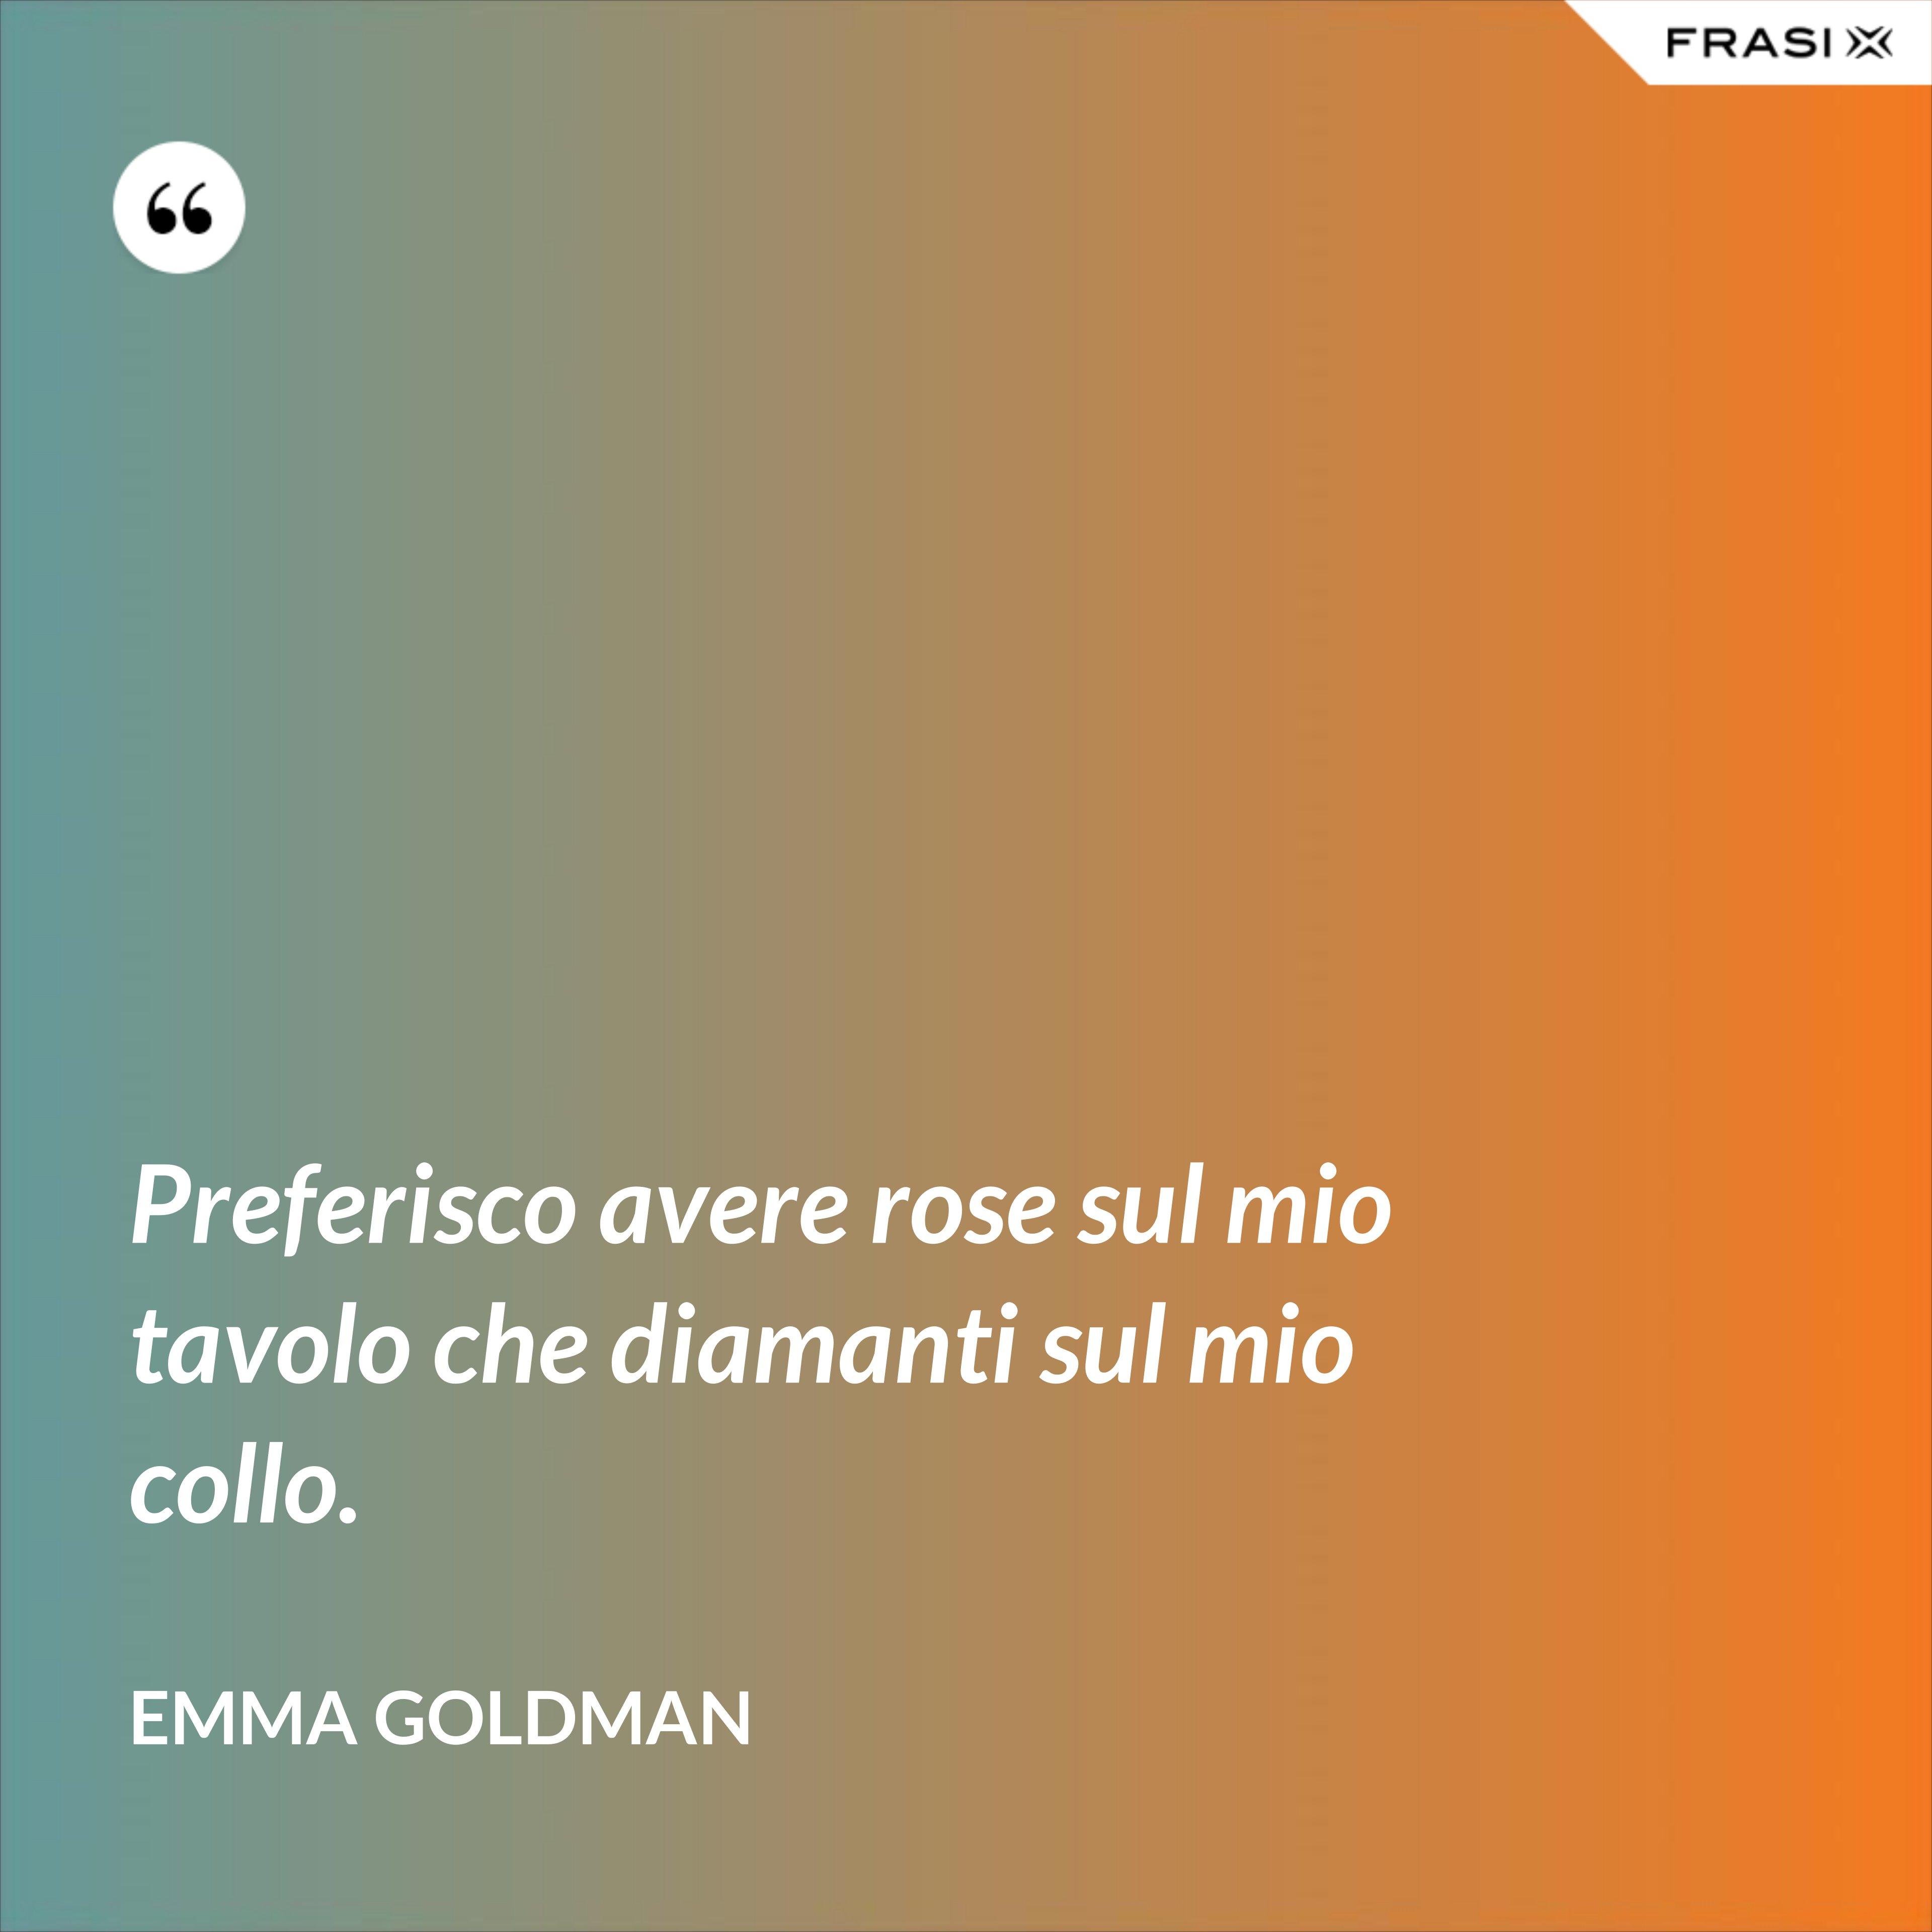 Preferisco avere rose sul mio tavolo che diamanti sul mio collo. - Emma Goldman